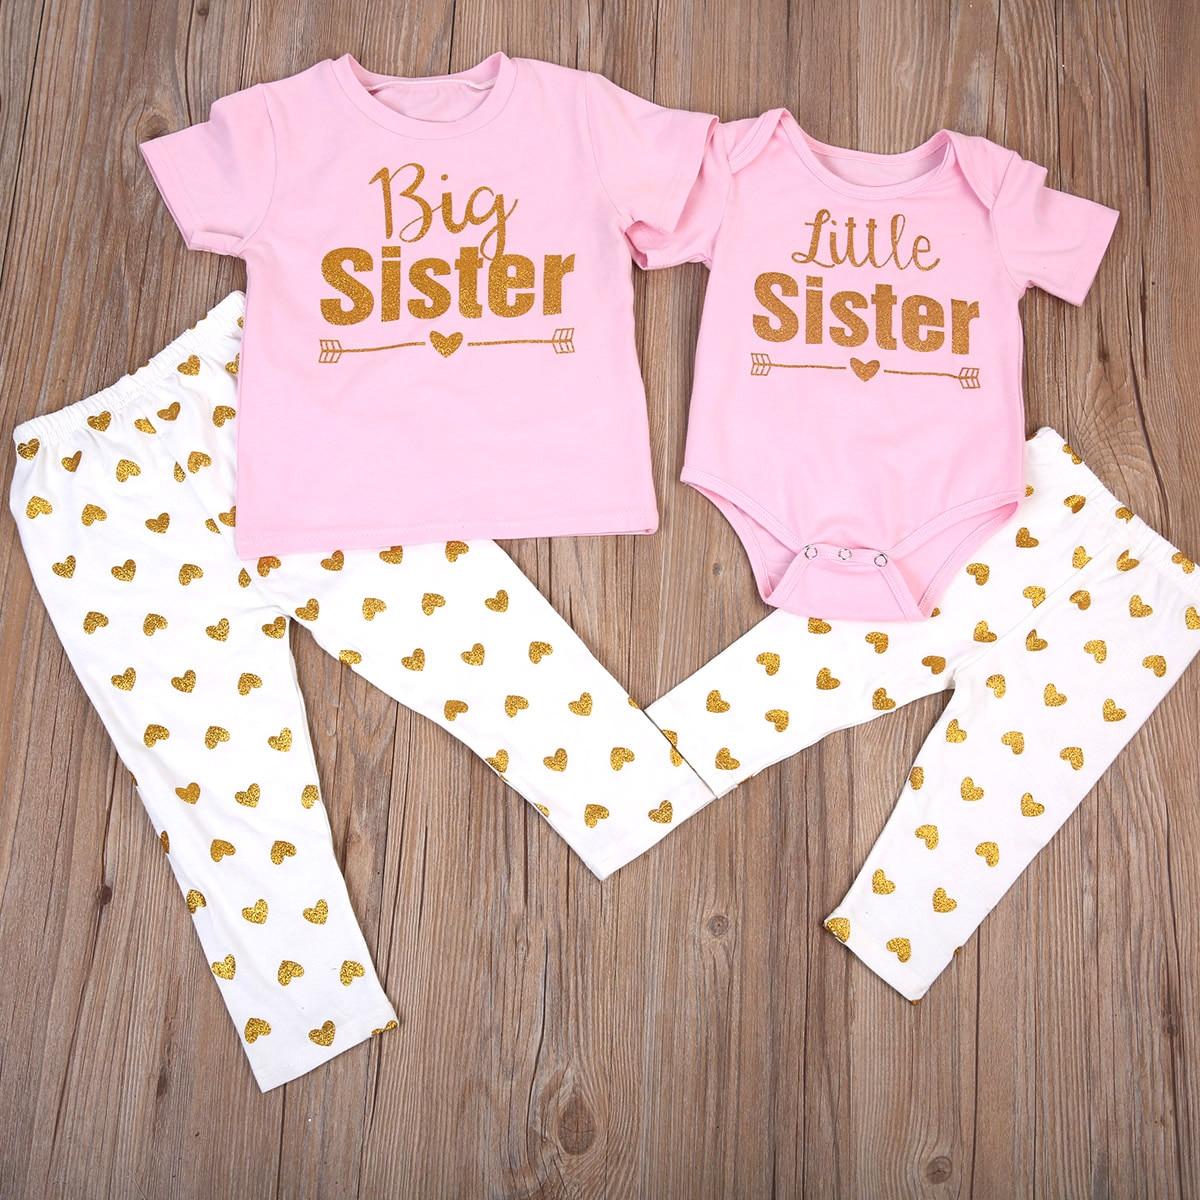 Комплект одежды для сестры из 2 предметов, новинка 2017, футболка для старшей сестры, топ, брюки, боди для младенца + штаны, наряд с принтом в вид...